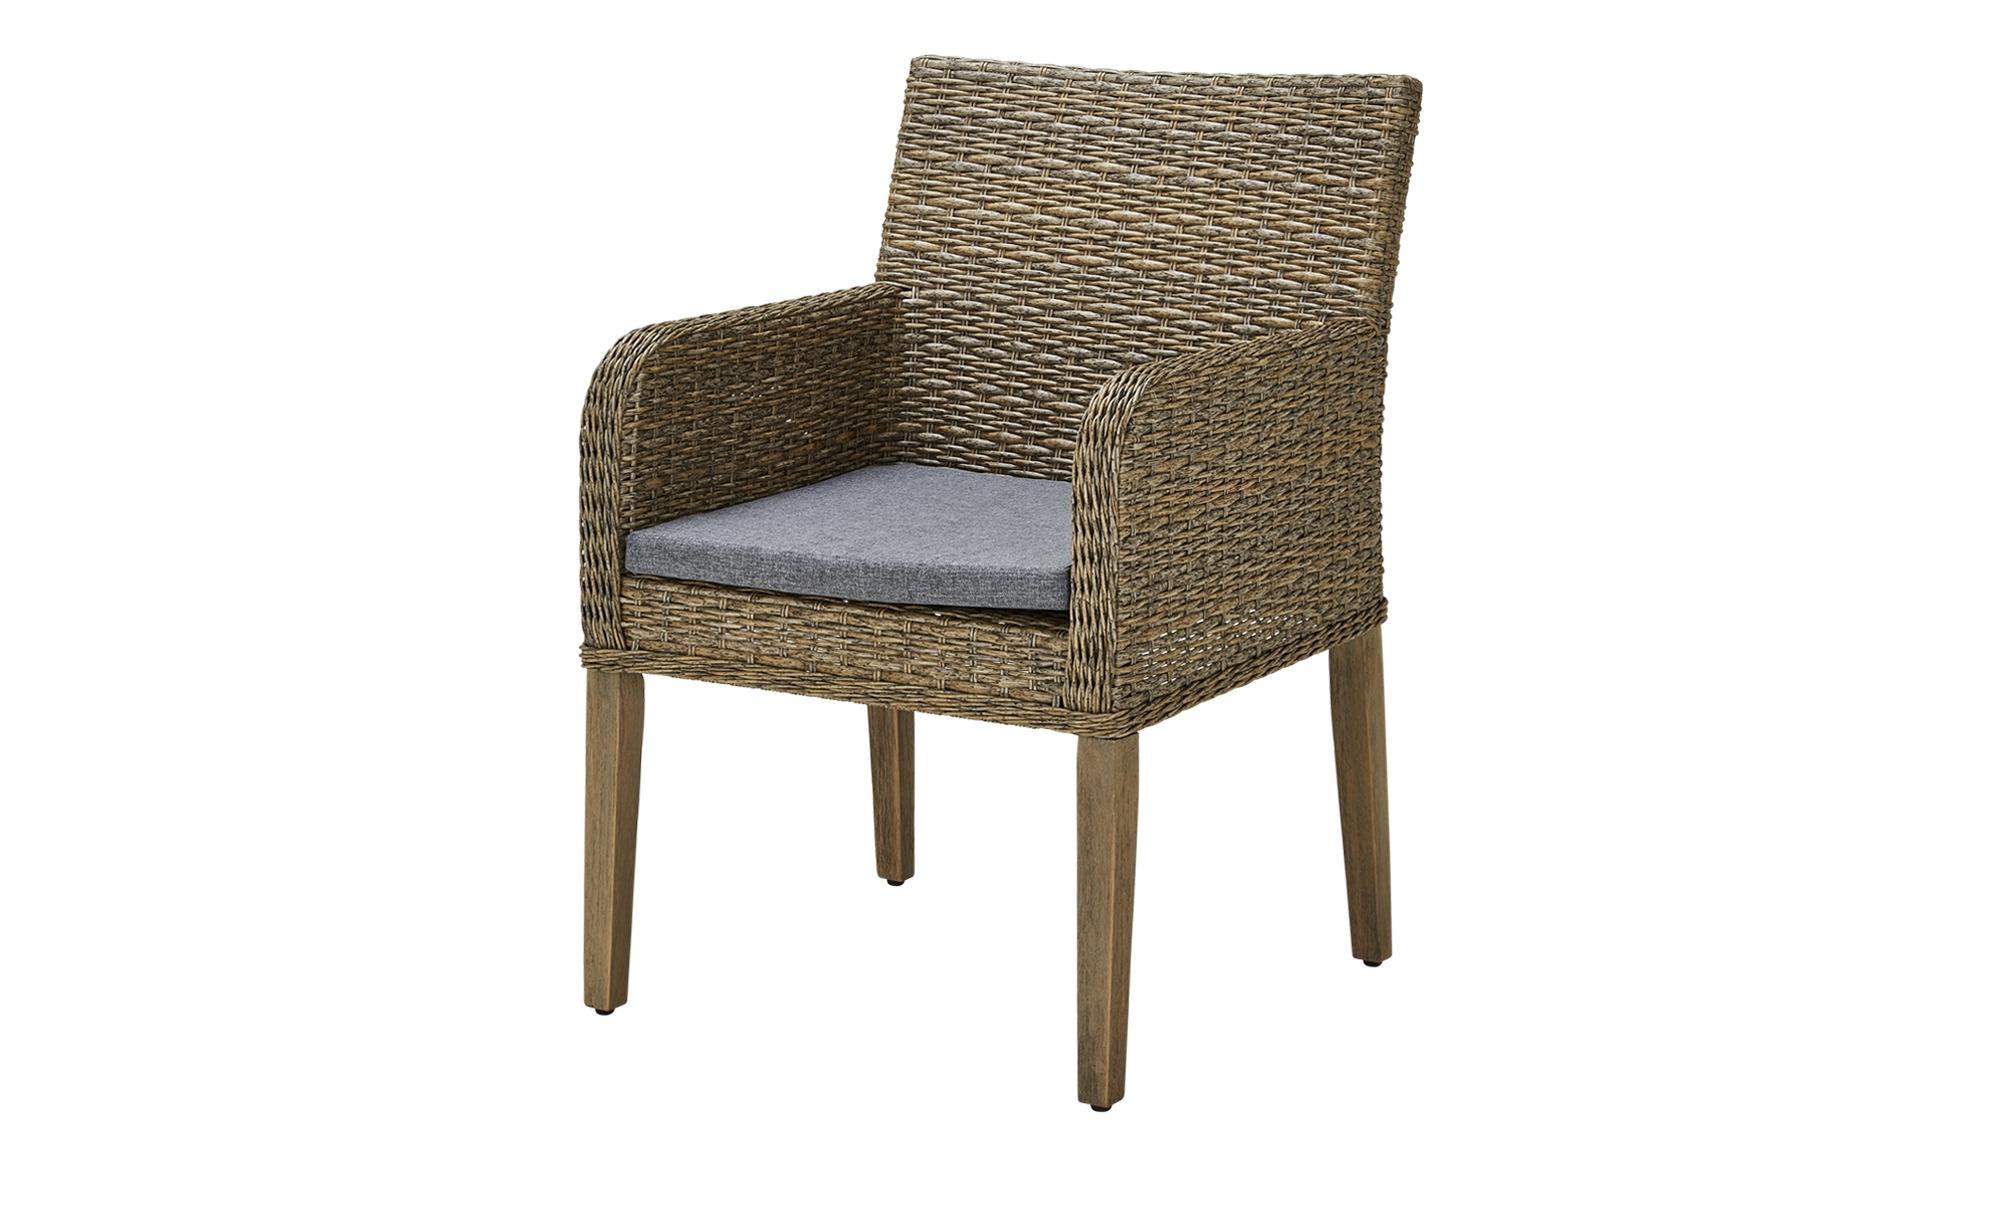 braun aluminium gartenst hle online kaufen m bel. Black Bedroom Furniture Sets. Home Design Ideas